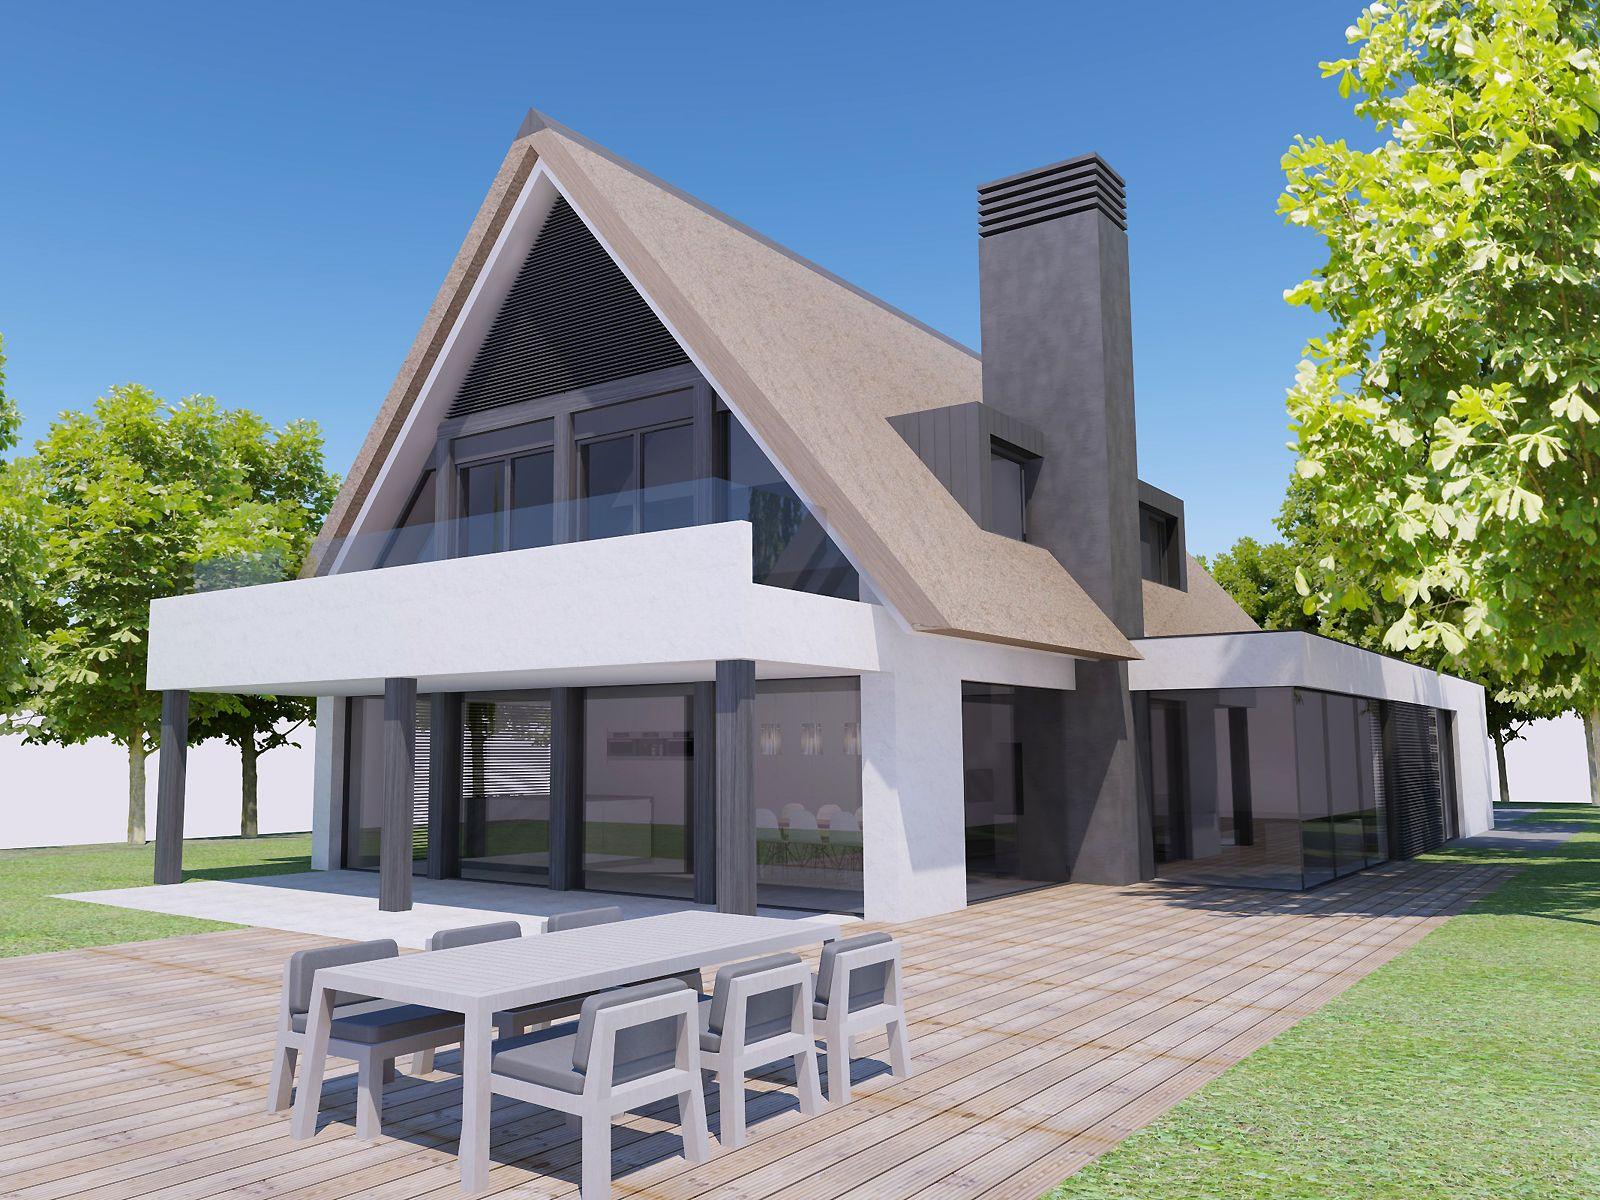 Building design architectuur huis landelijk modern for Landelijk huis